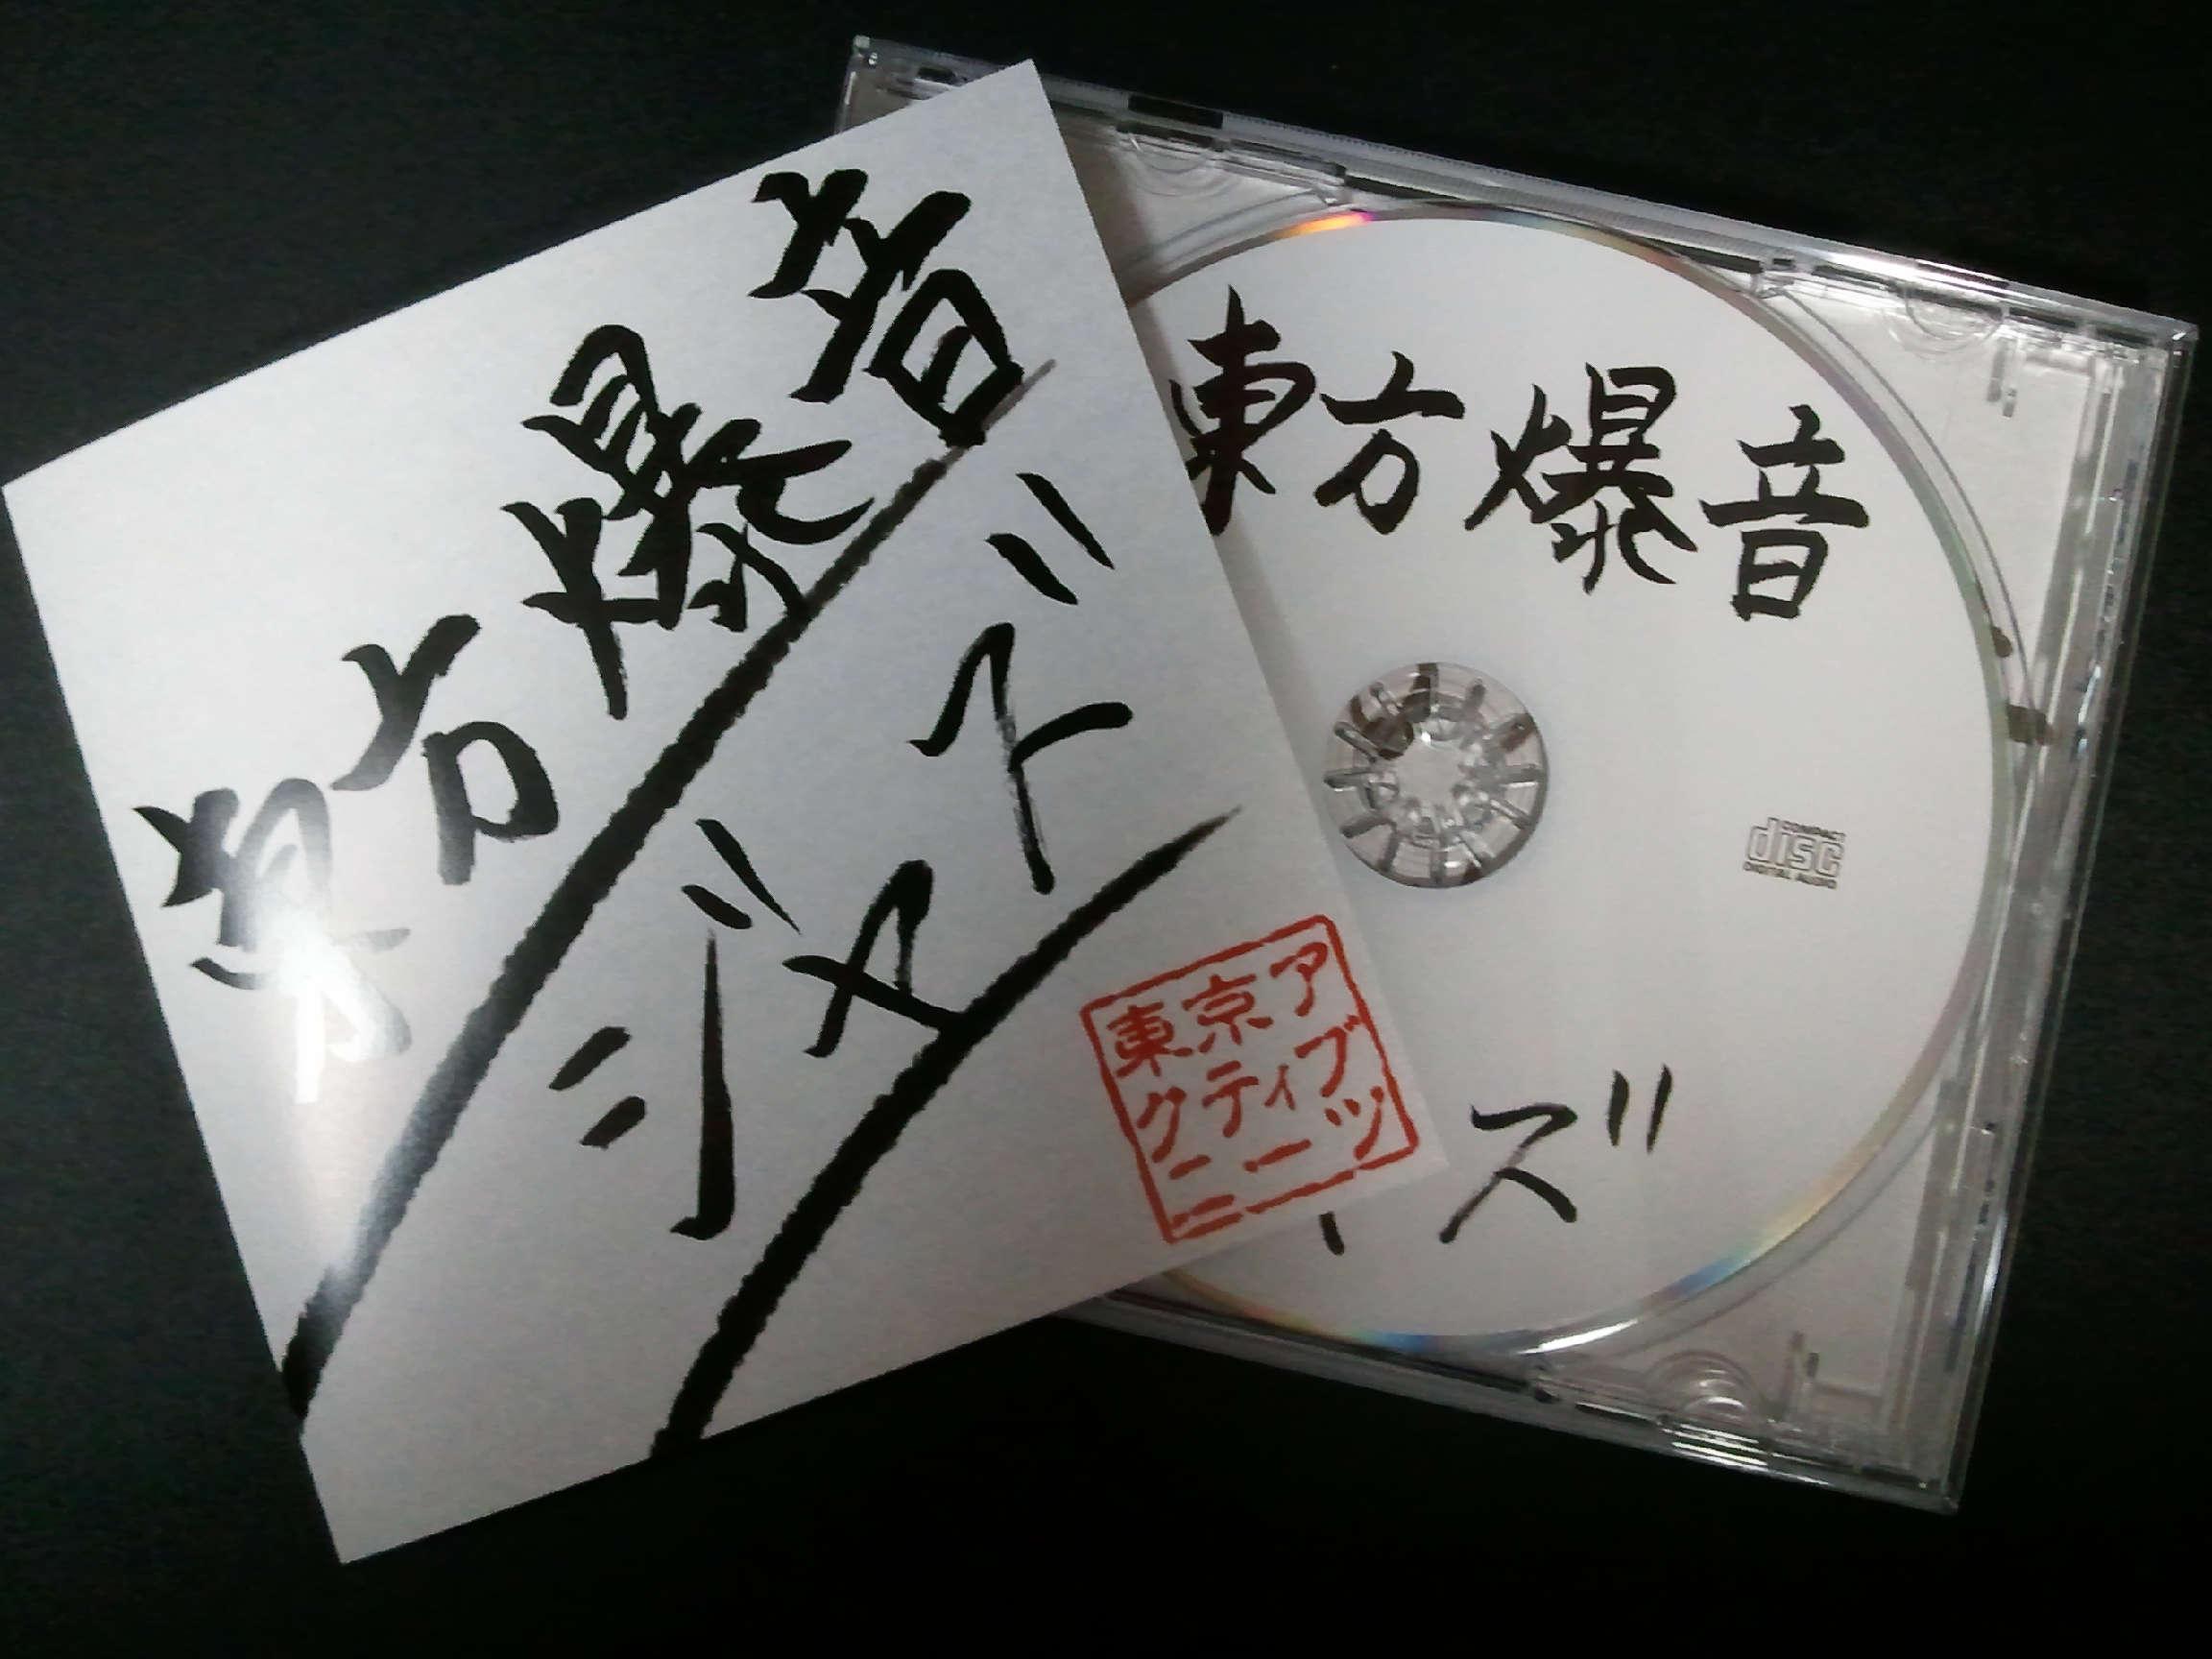 東京アクティブneets 東方爆音ジャズ